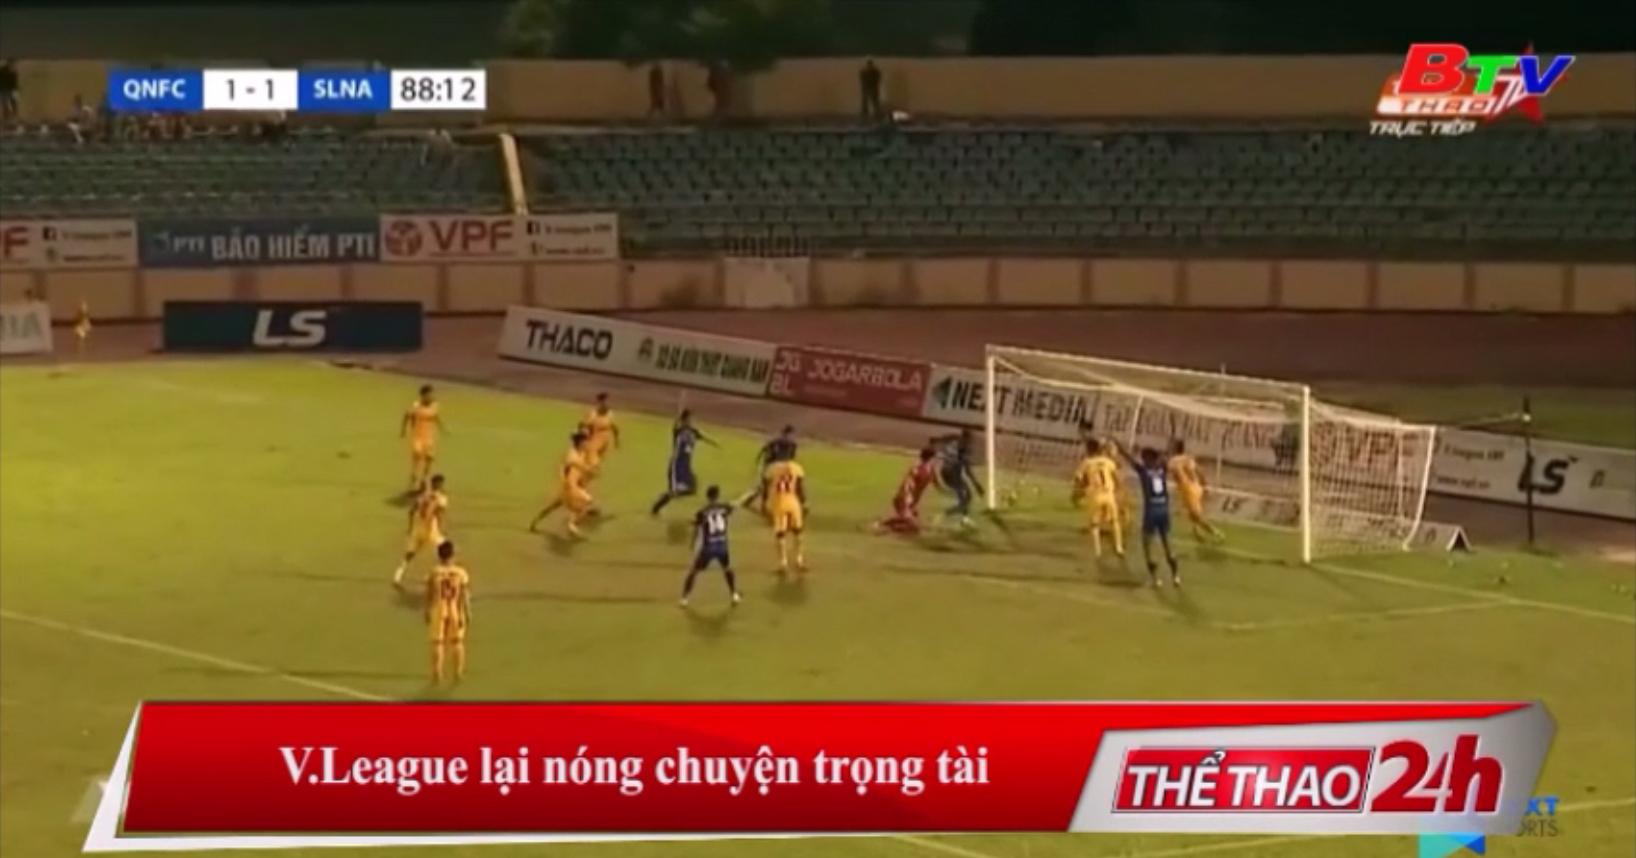 V-League lại nóng chuyện trọng tài